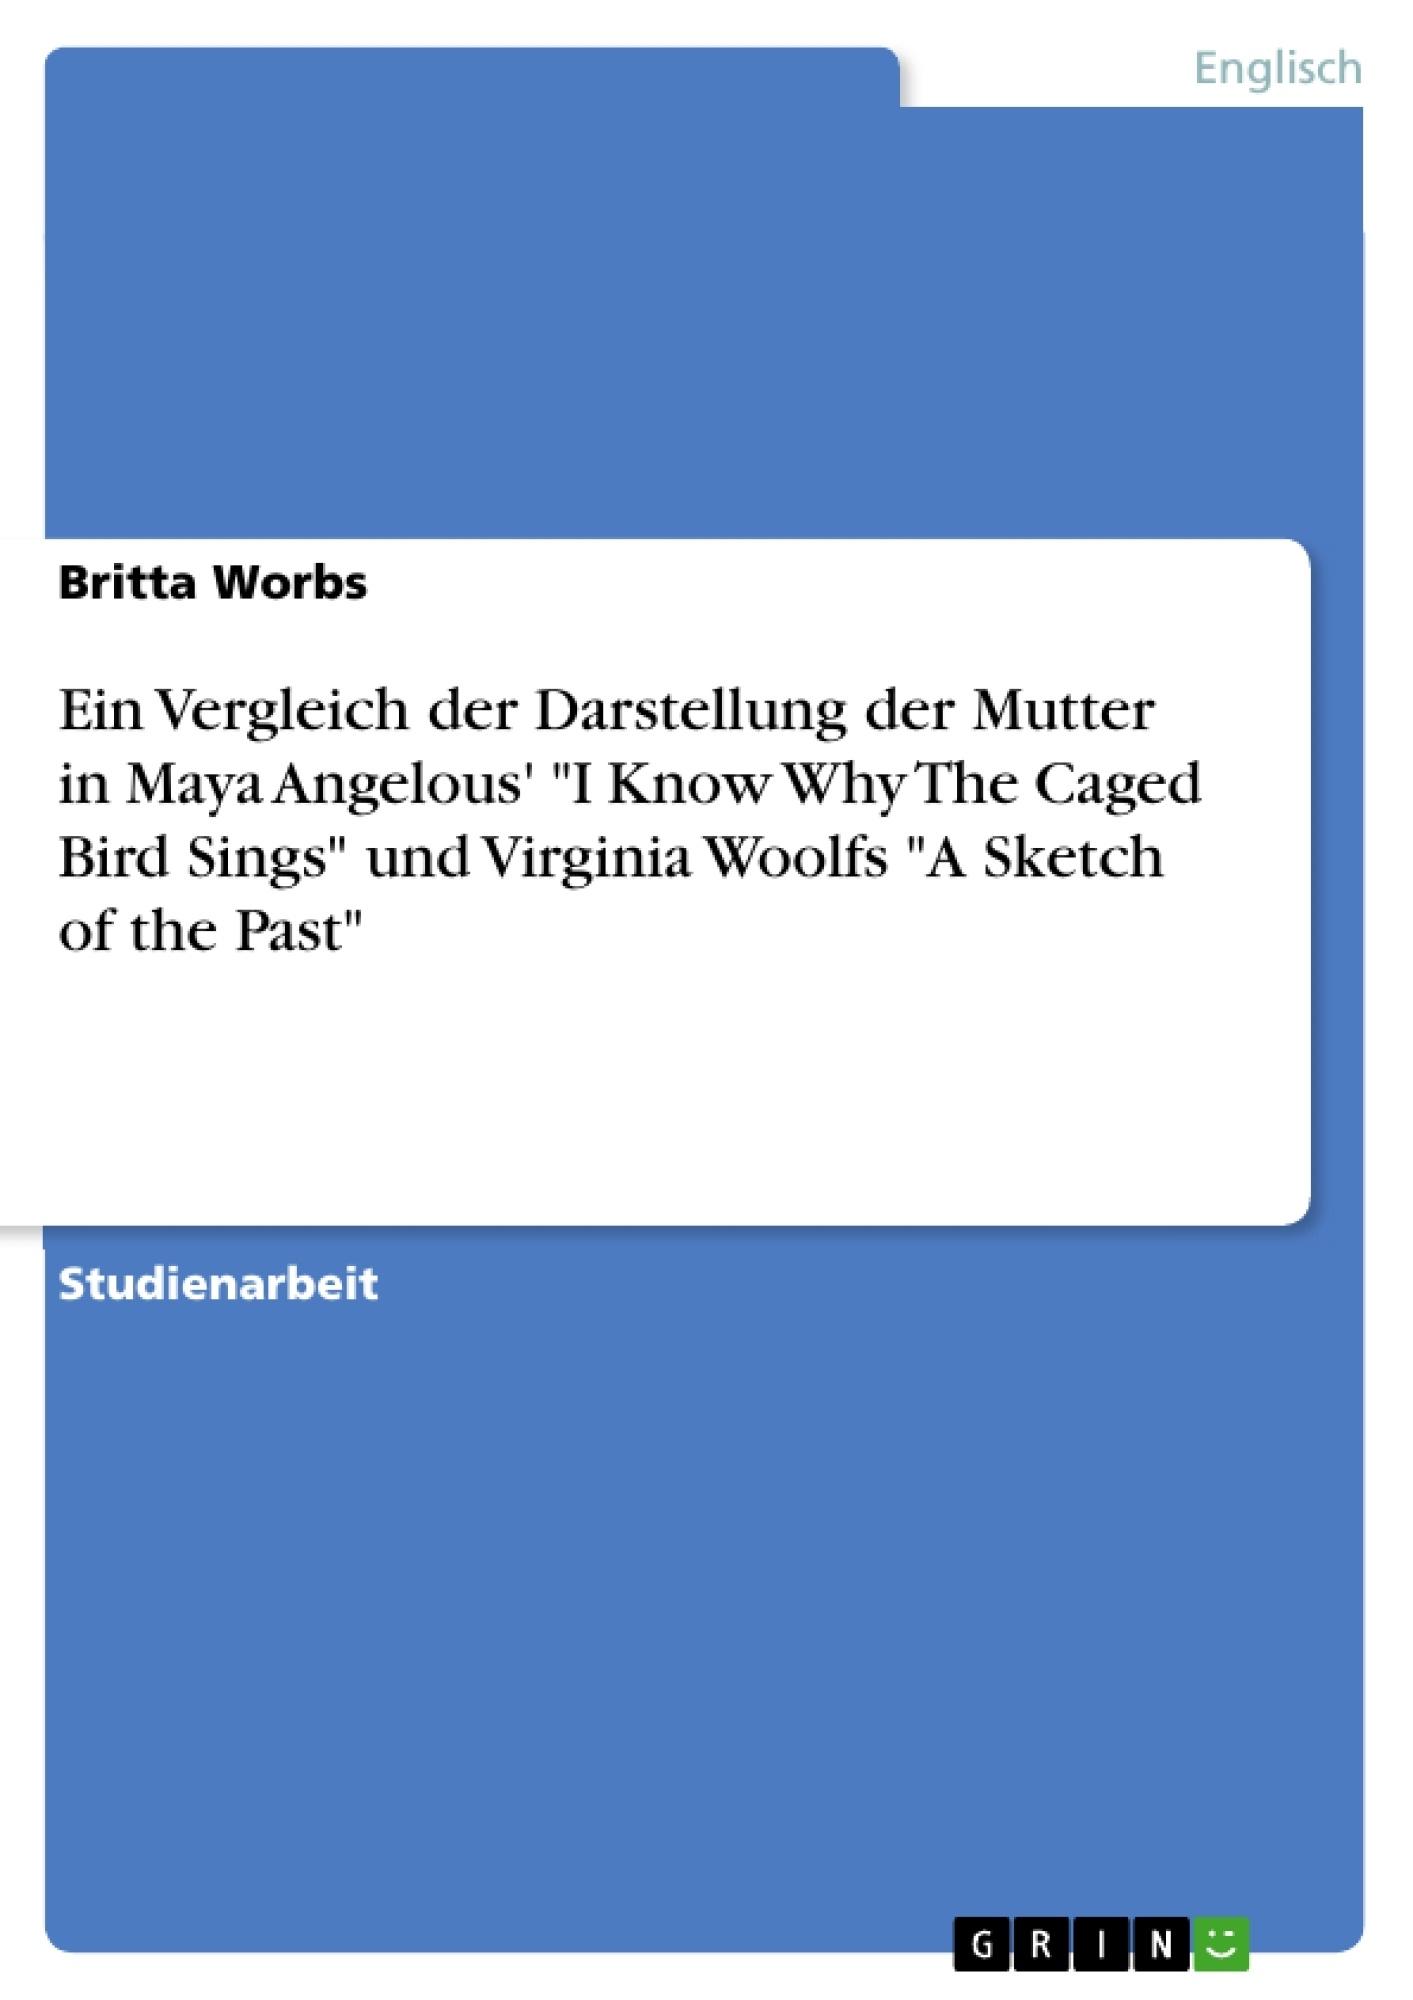 """Titel: Ein Vergleich der Darstellung der Mutter in Maya Angelous' """"I Know Why The Caged Bird Sings"""" und Virginia Woolfs """"A Sketch of the Past"""""""